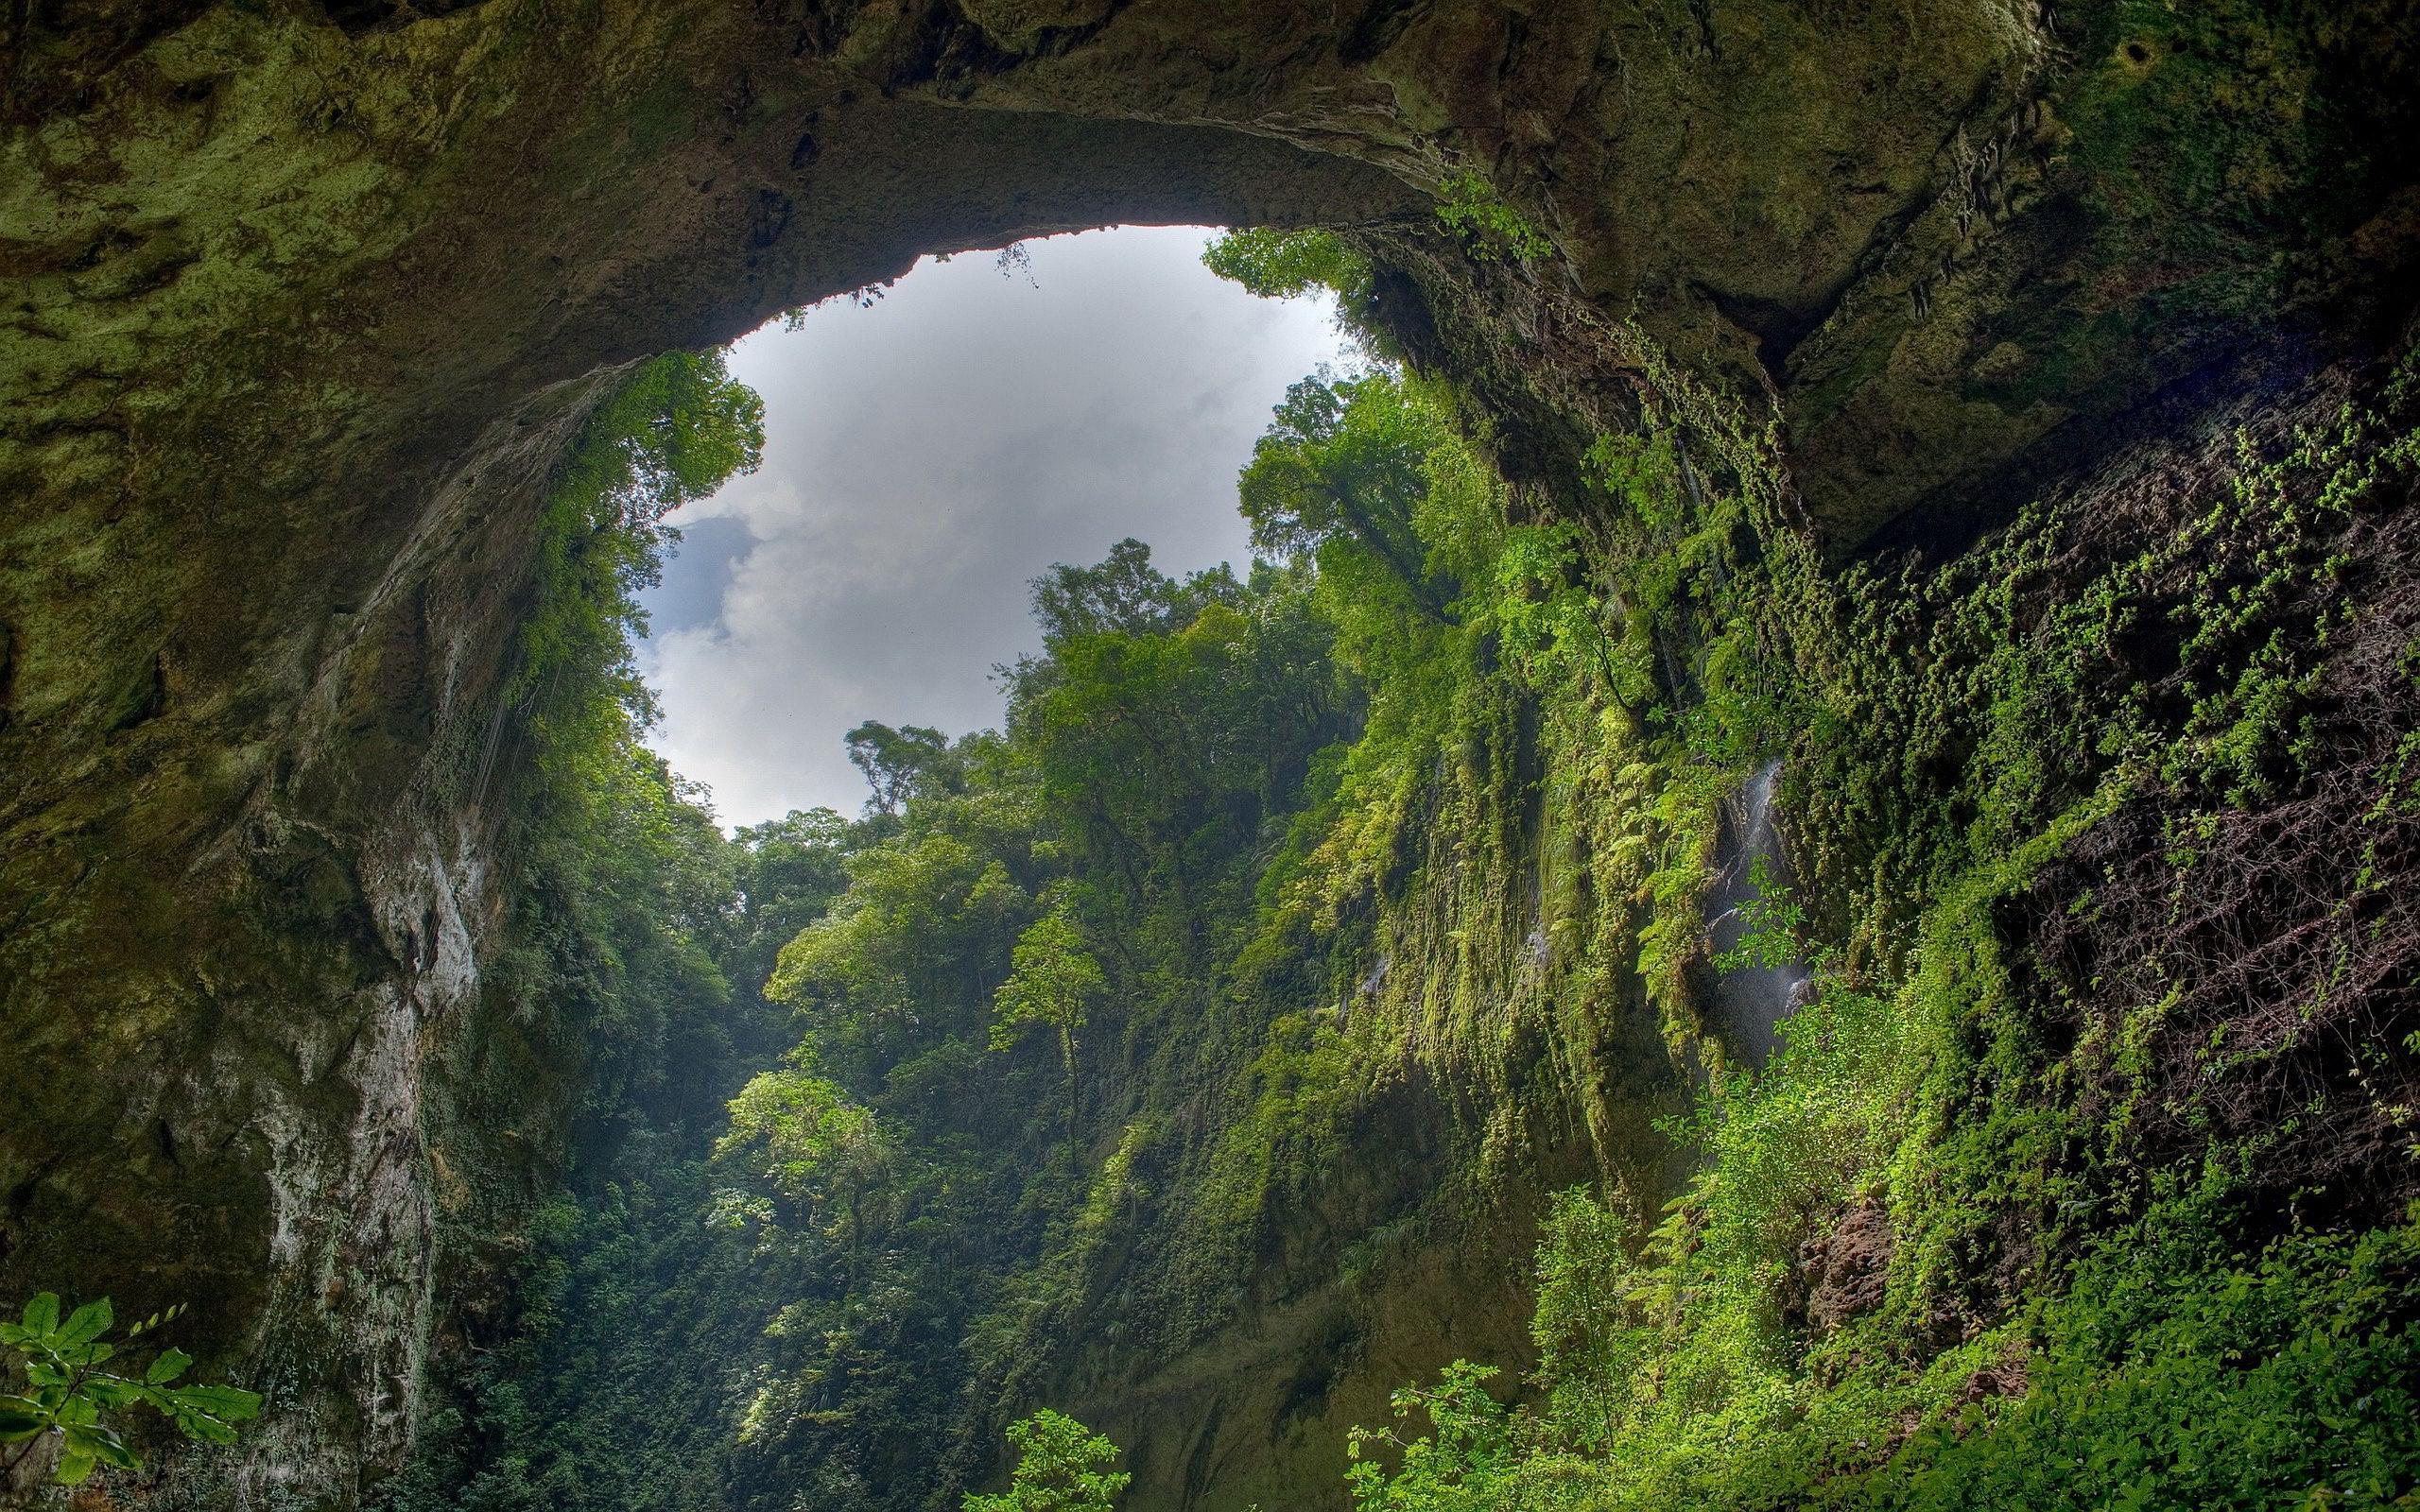 rainforest nature wallpaper